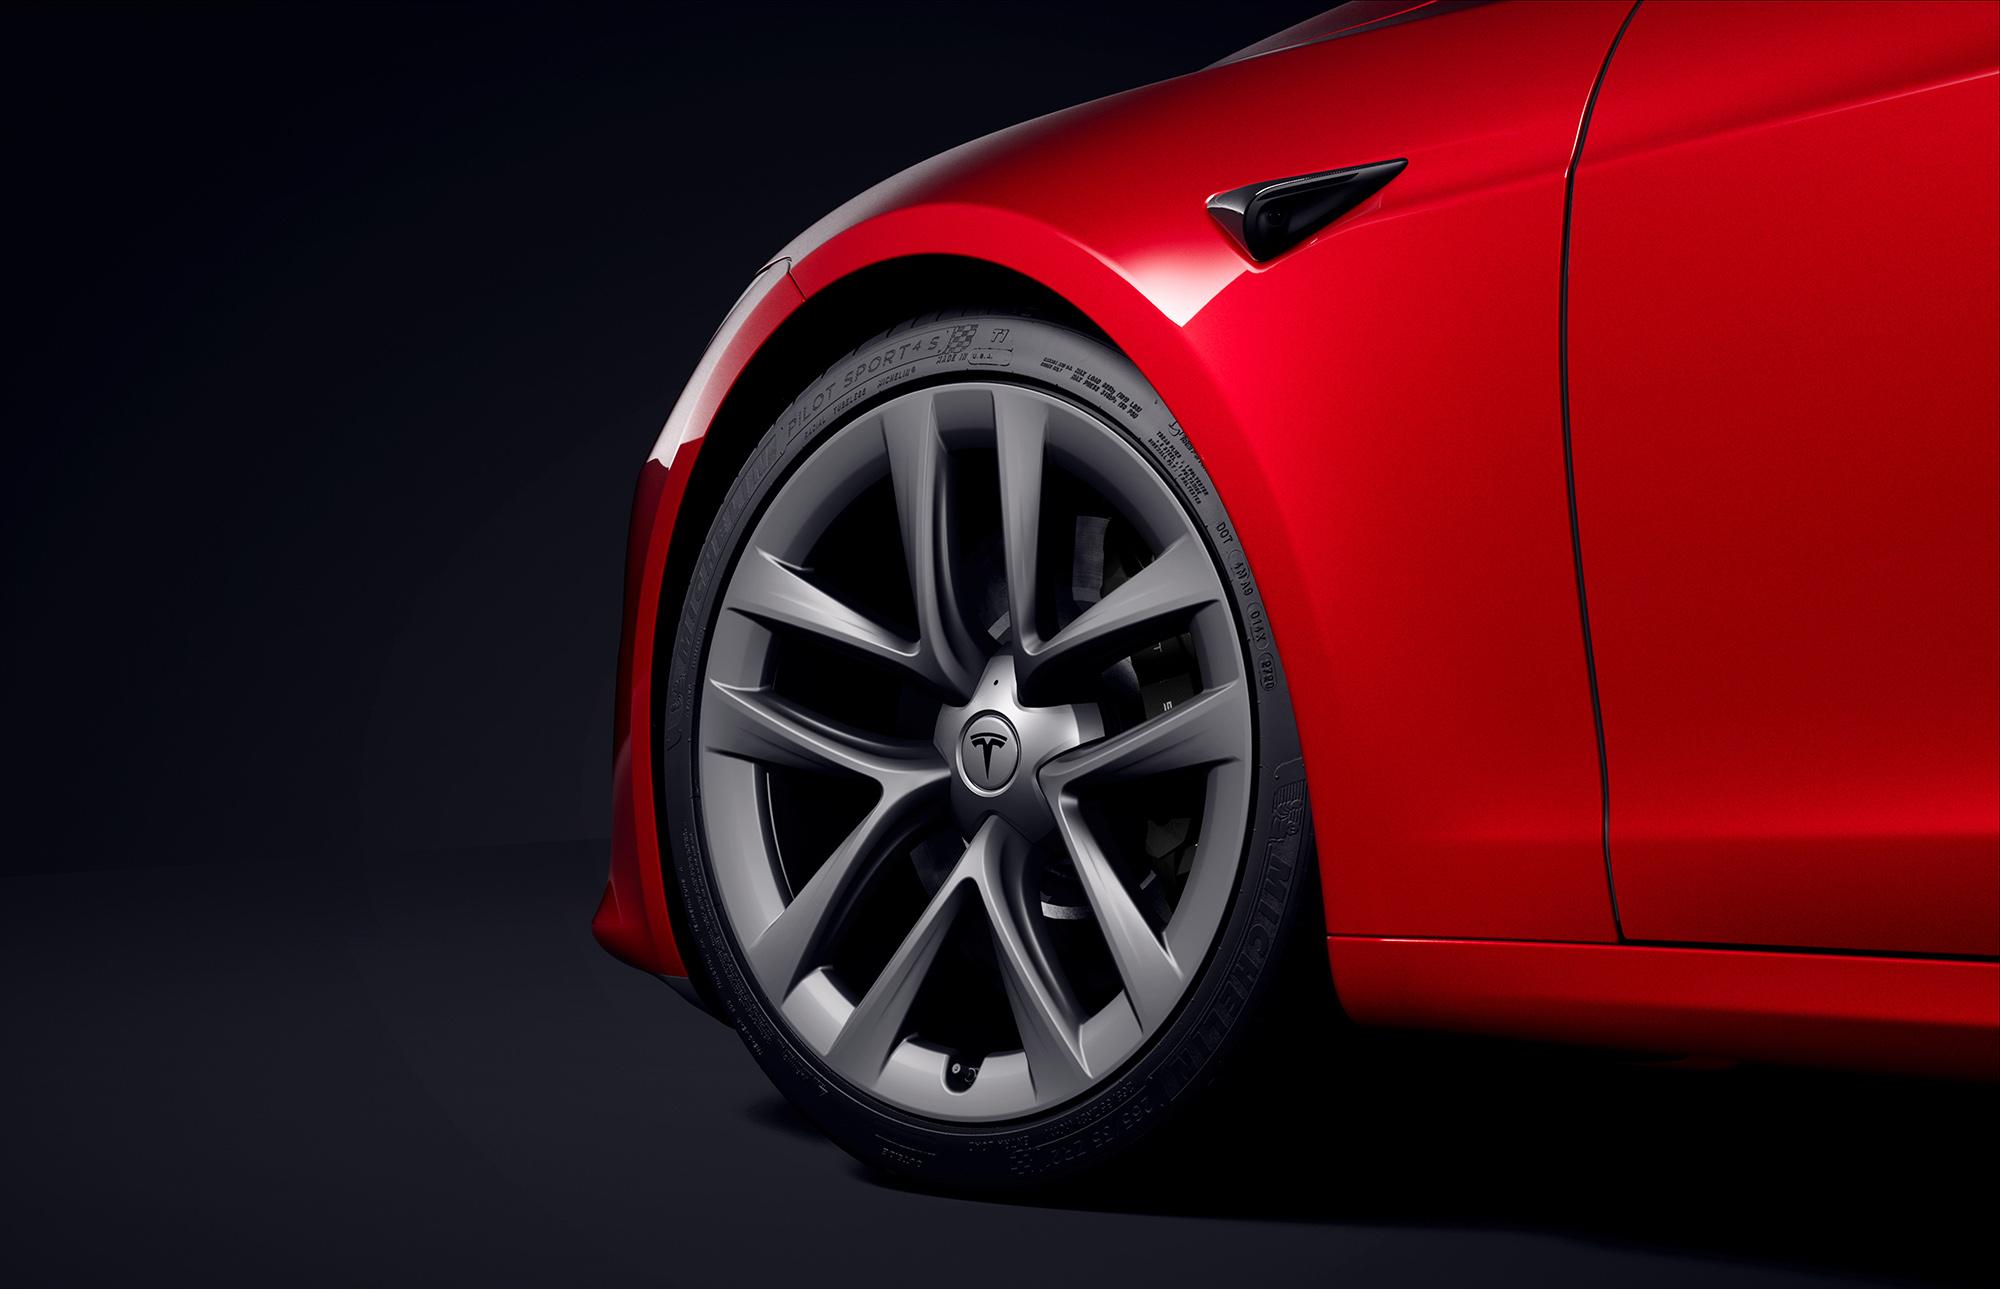 São necessários pneus e rodas esportivas, que não vêm de série, para atingir os 320 km/h